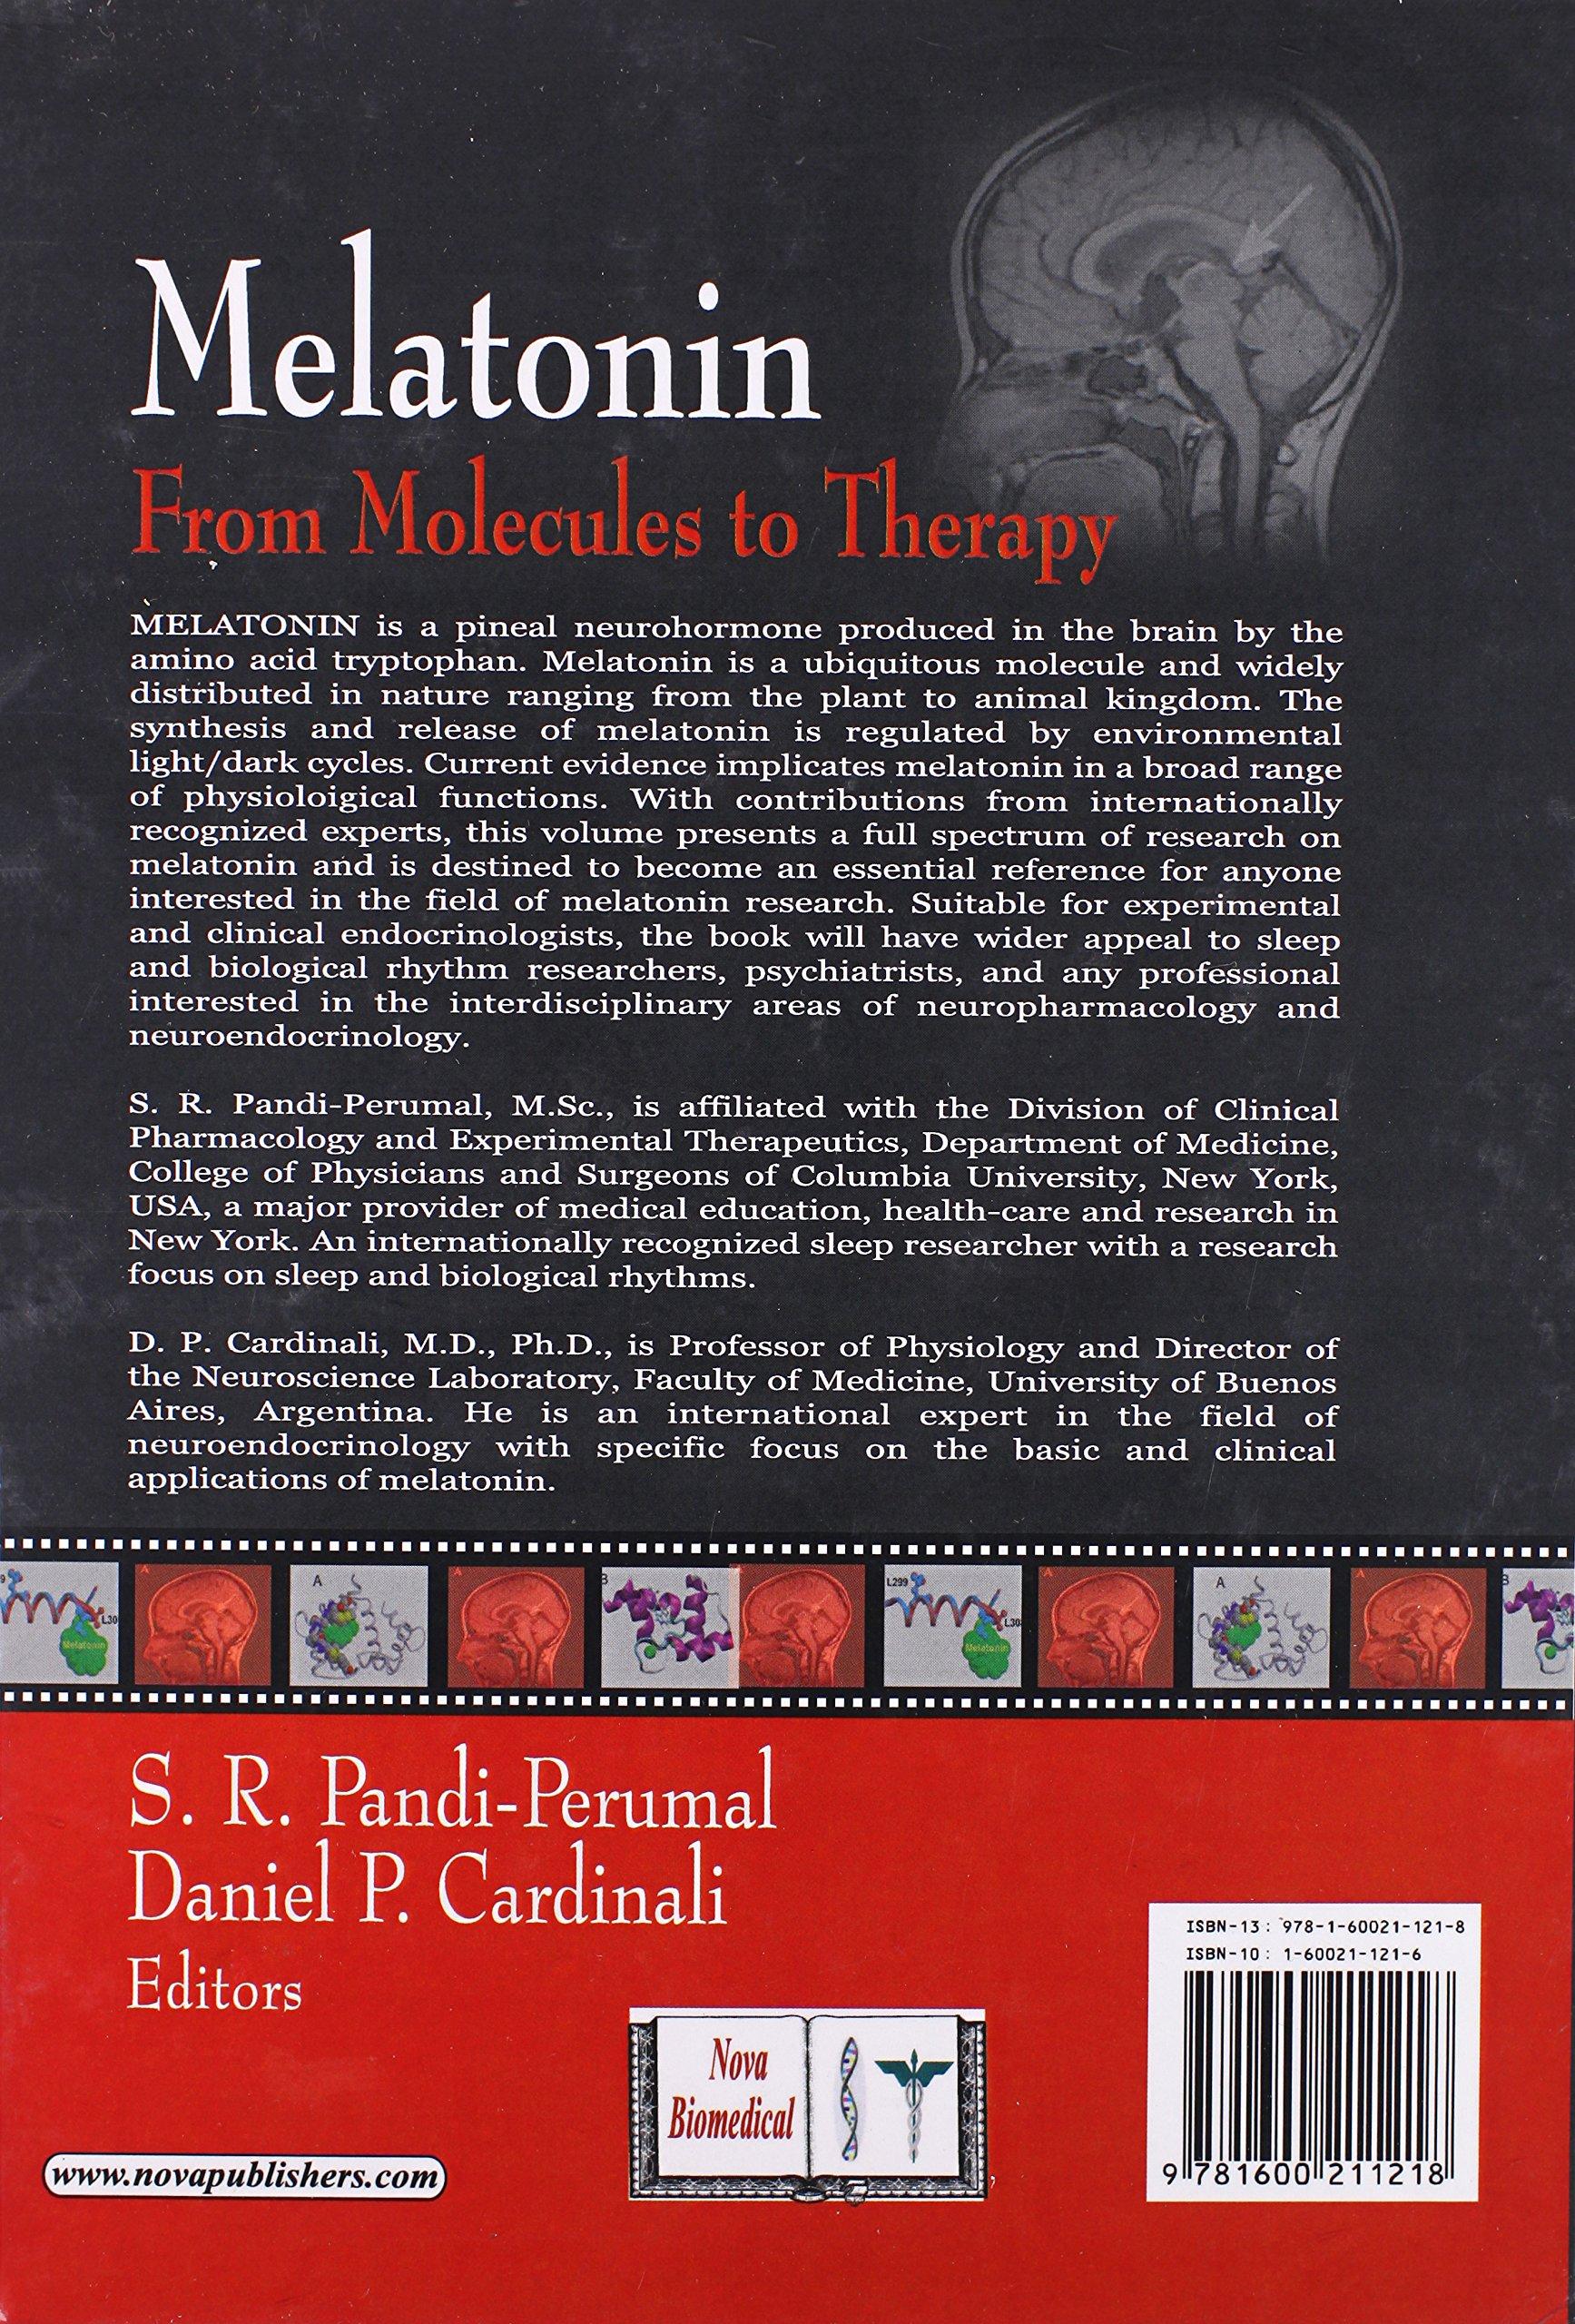 Melatonin: From Molecules to Therapy: Amazon.es: S. R. Pandi-Perumal, Daniel P. Cardinali: Libros en idiomas extranjeros